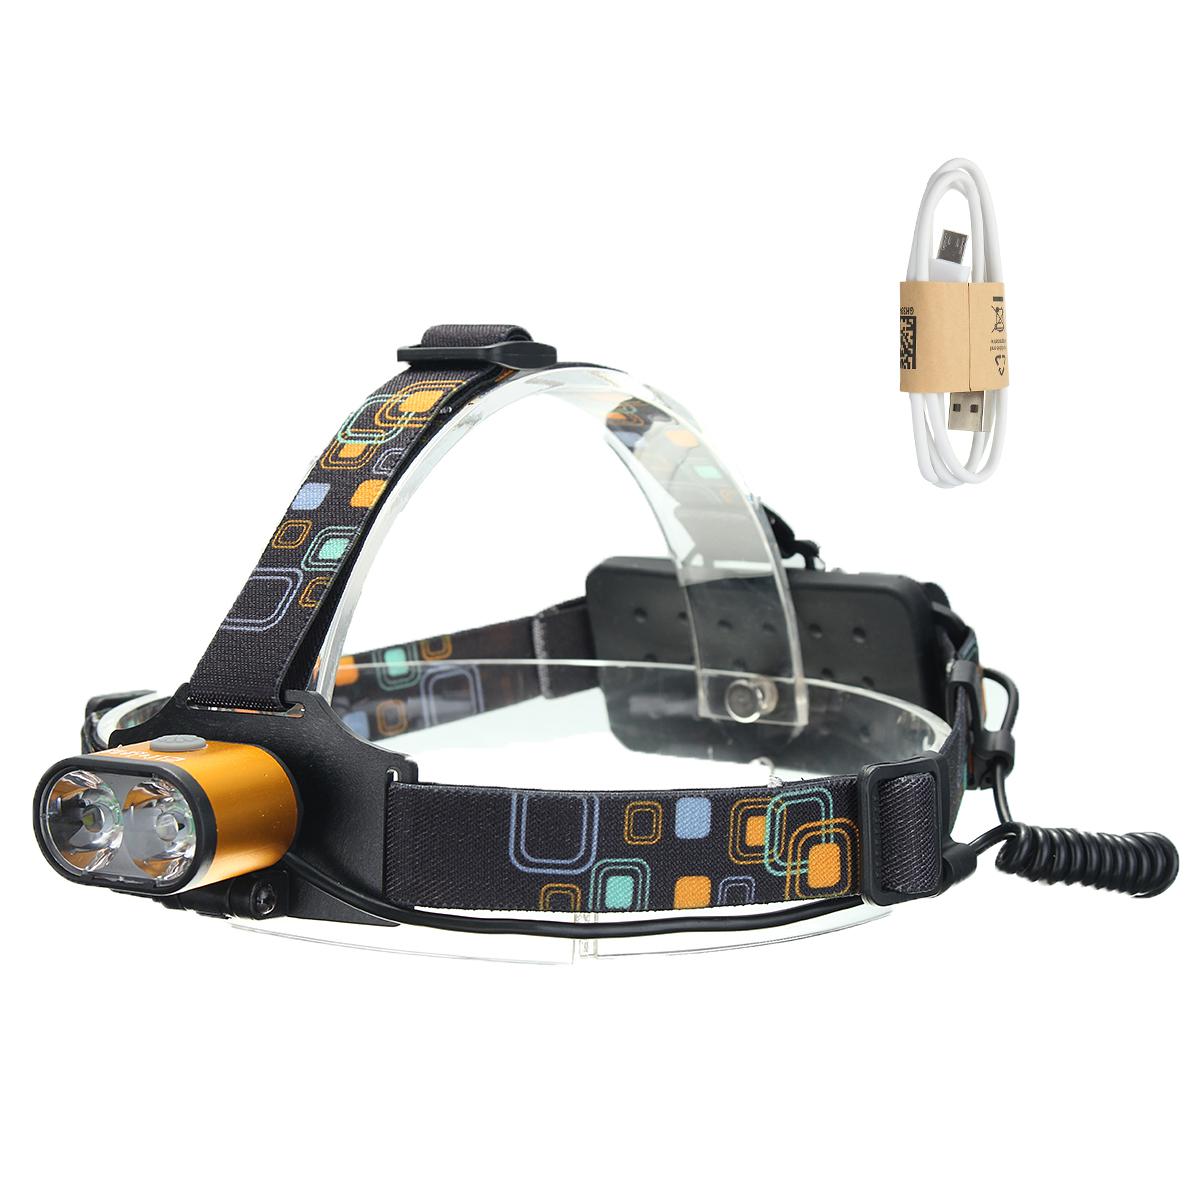 XANES1500люменT6ФараВодонепроницаемы Пешеходный велосипед для рыбалки Лампа